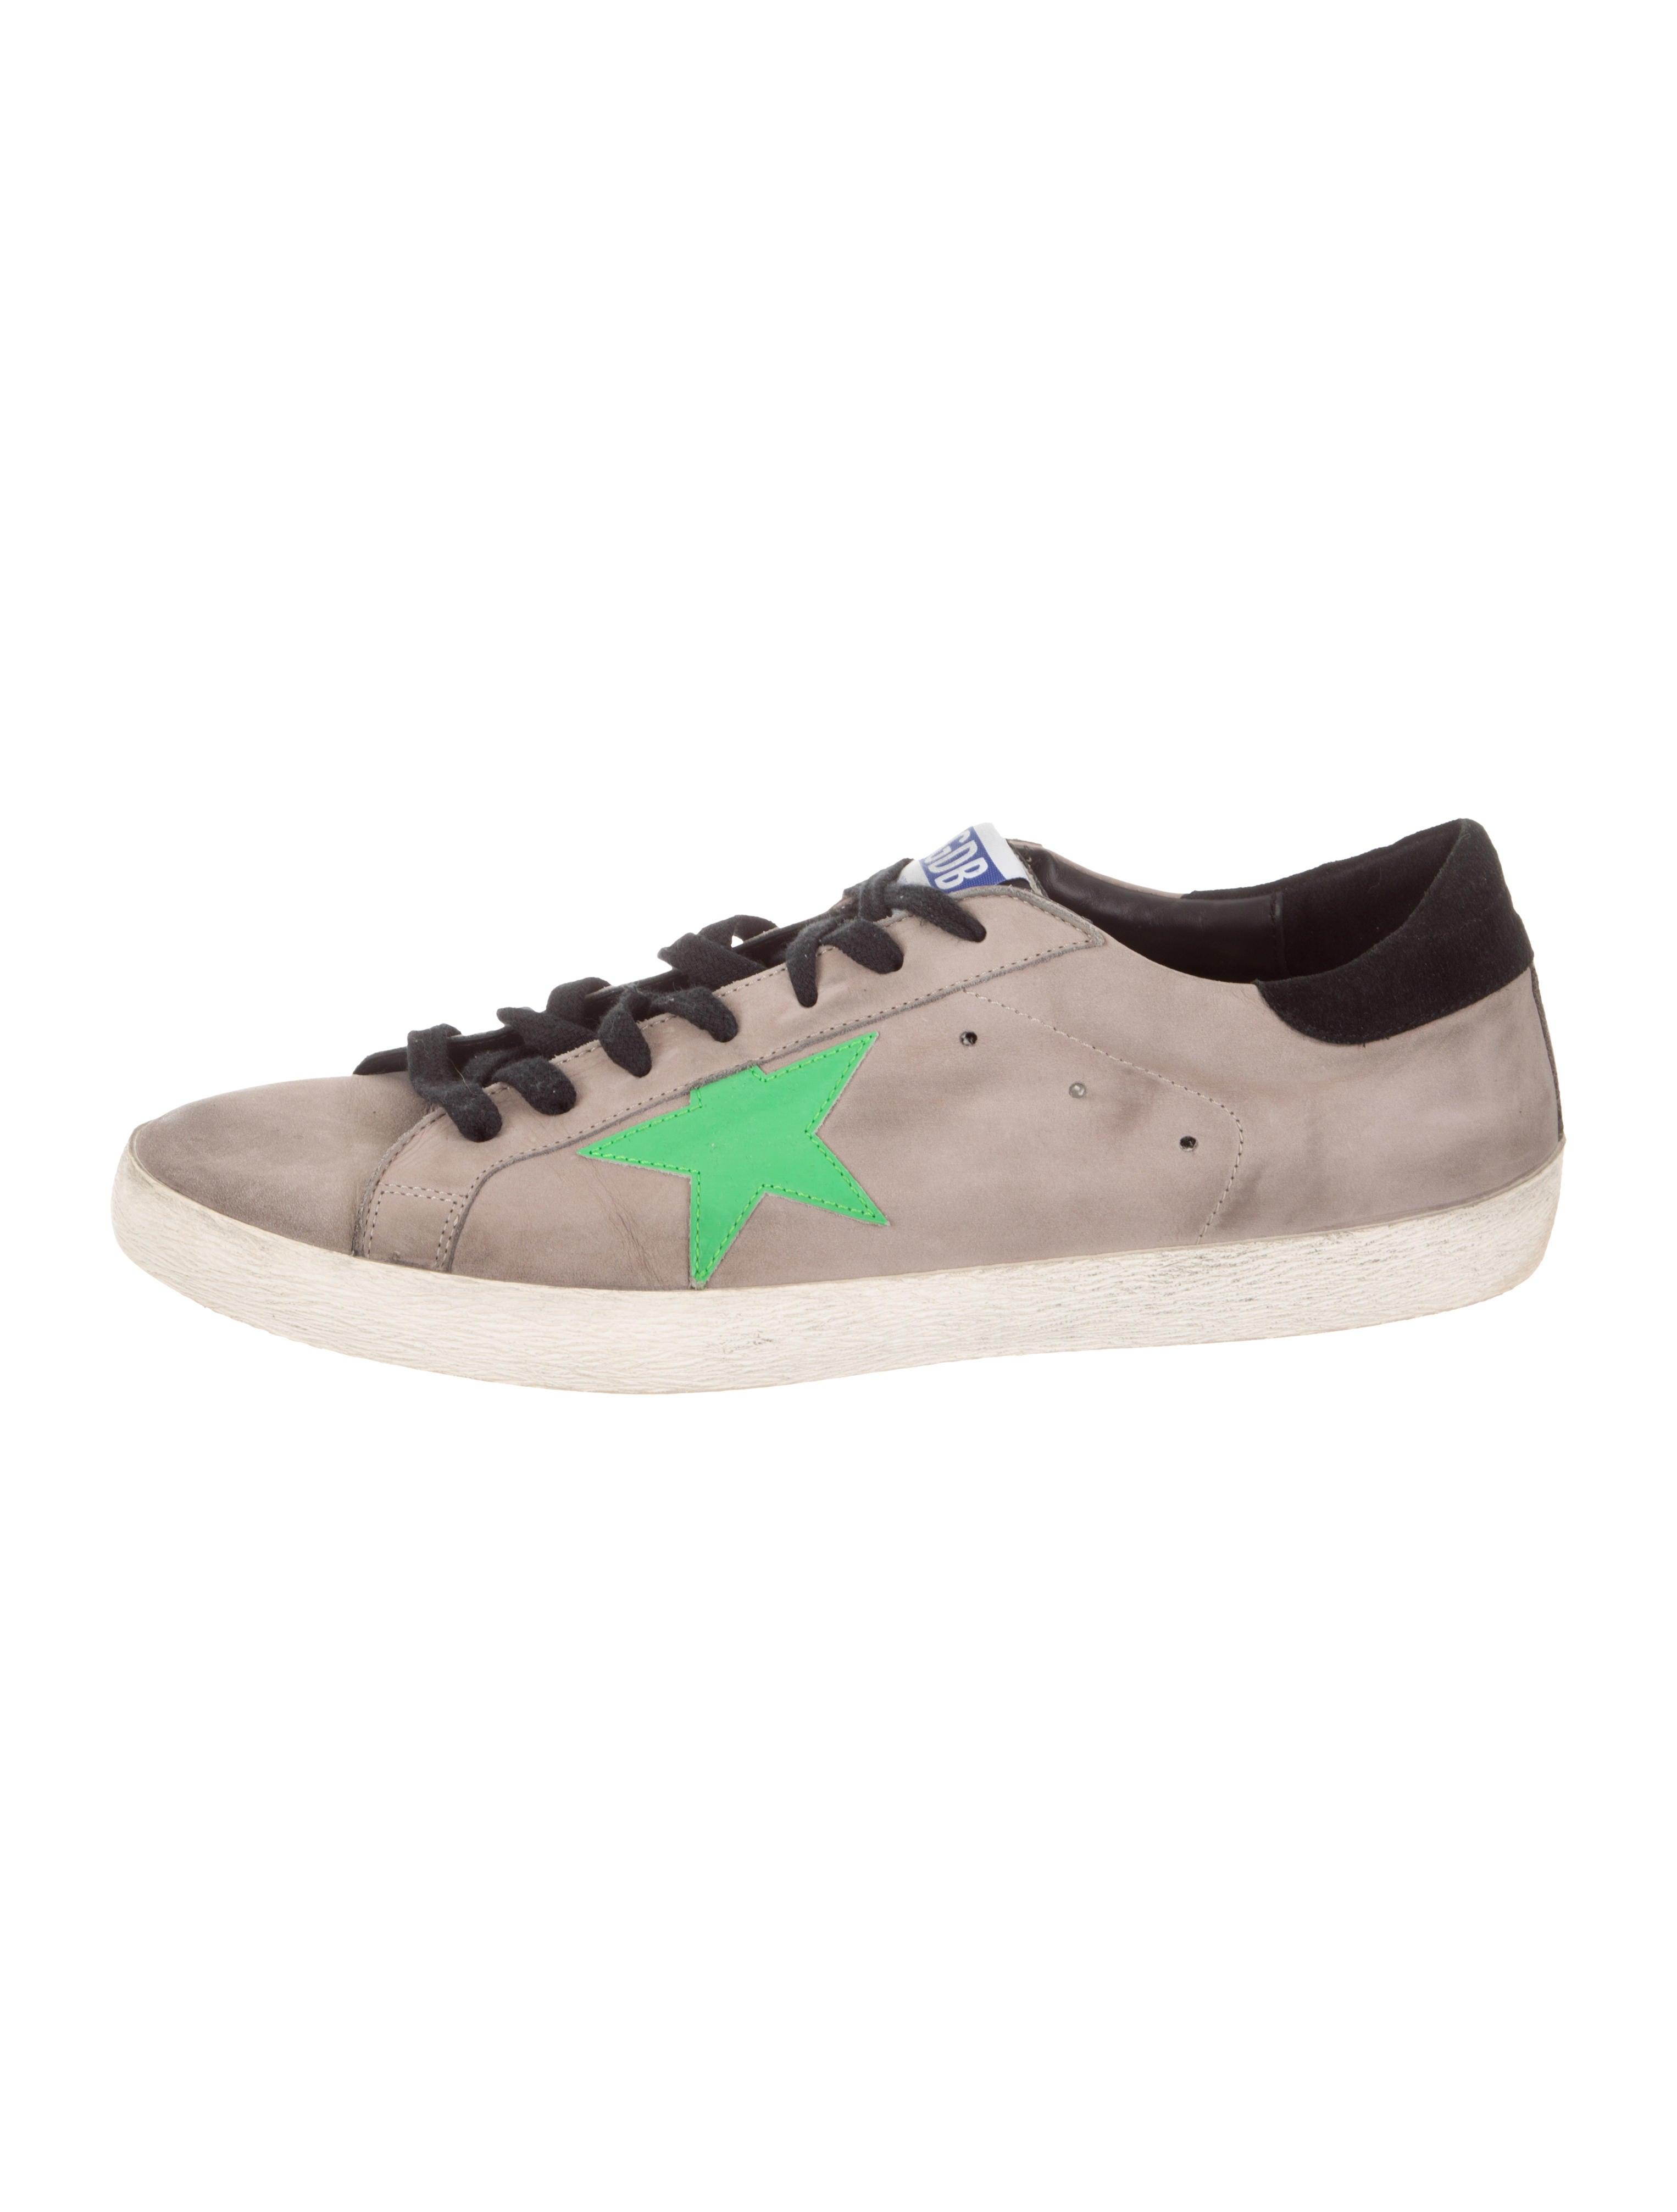 0336c7005c9 Golden Goose Superstar Low-Top Sneakers - Shoes - WG532505